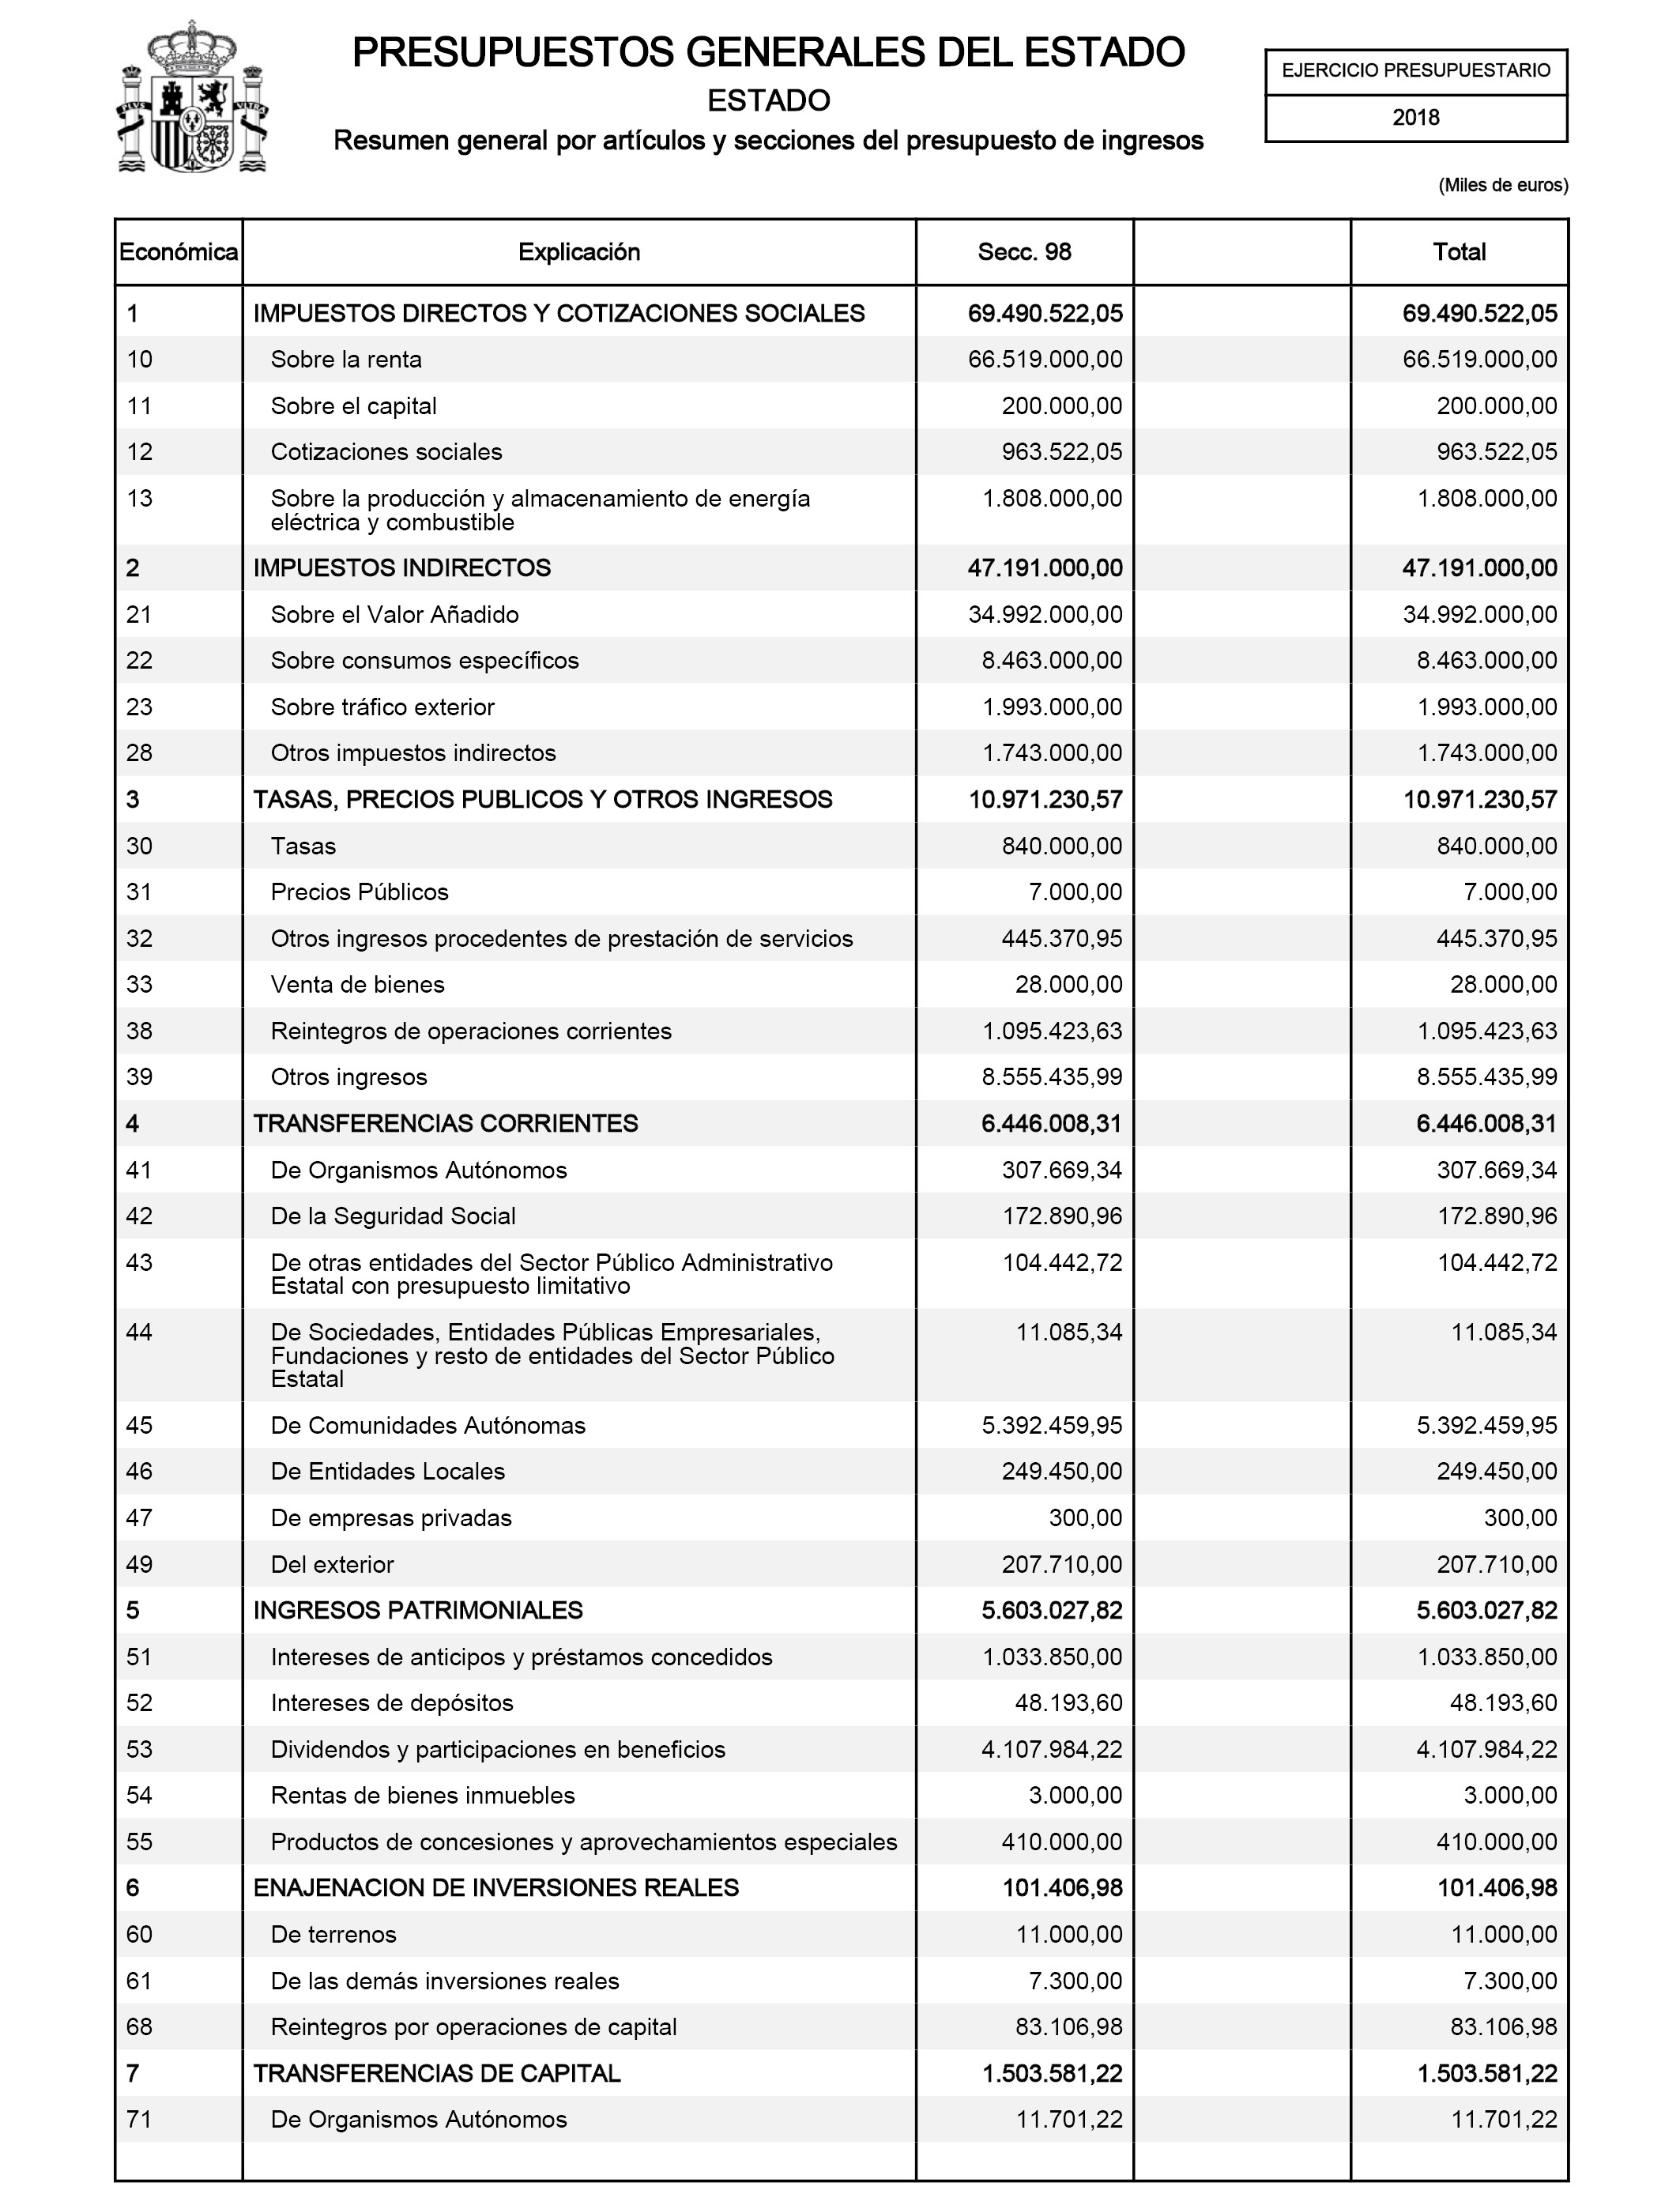 Calendario Abono Salarial 2018 A 2019 Más Recientes Boe Documento Boe A 2018 9268 Of Calendario Abono Salarial 2018 A 2019 Mejores Y Más Novedosos Boe Documento Boe A 2018 9268